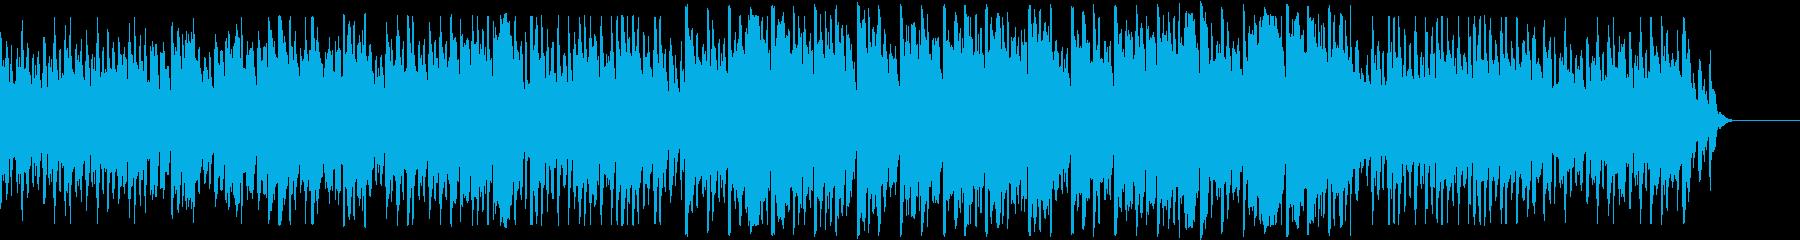 ハープの音色が美しいバラードの再生済みの波形